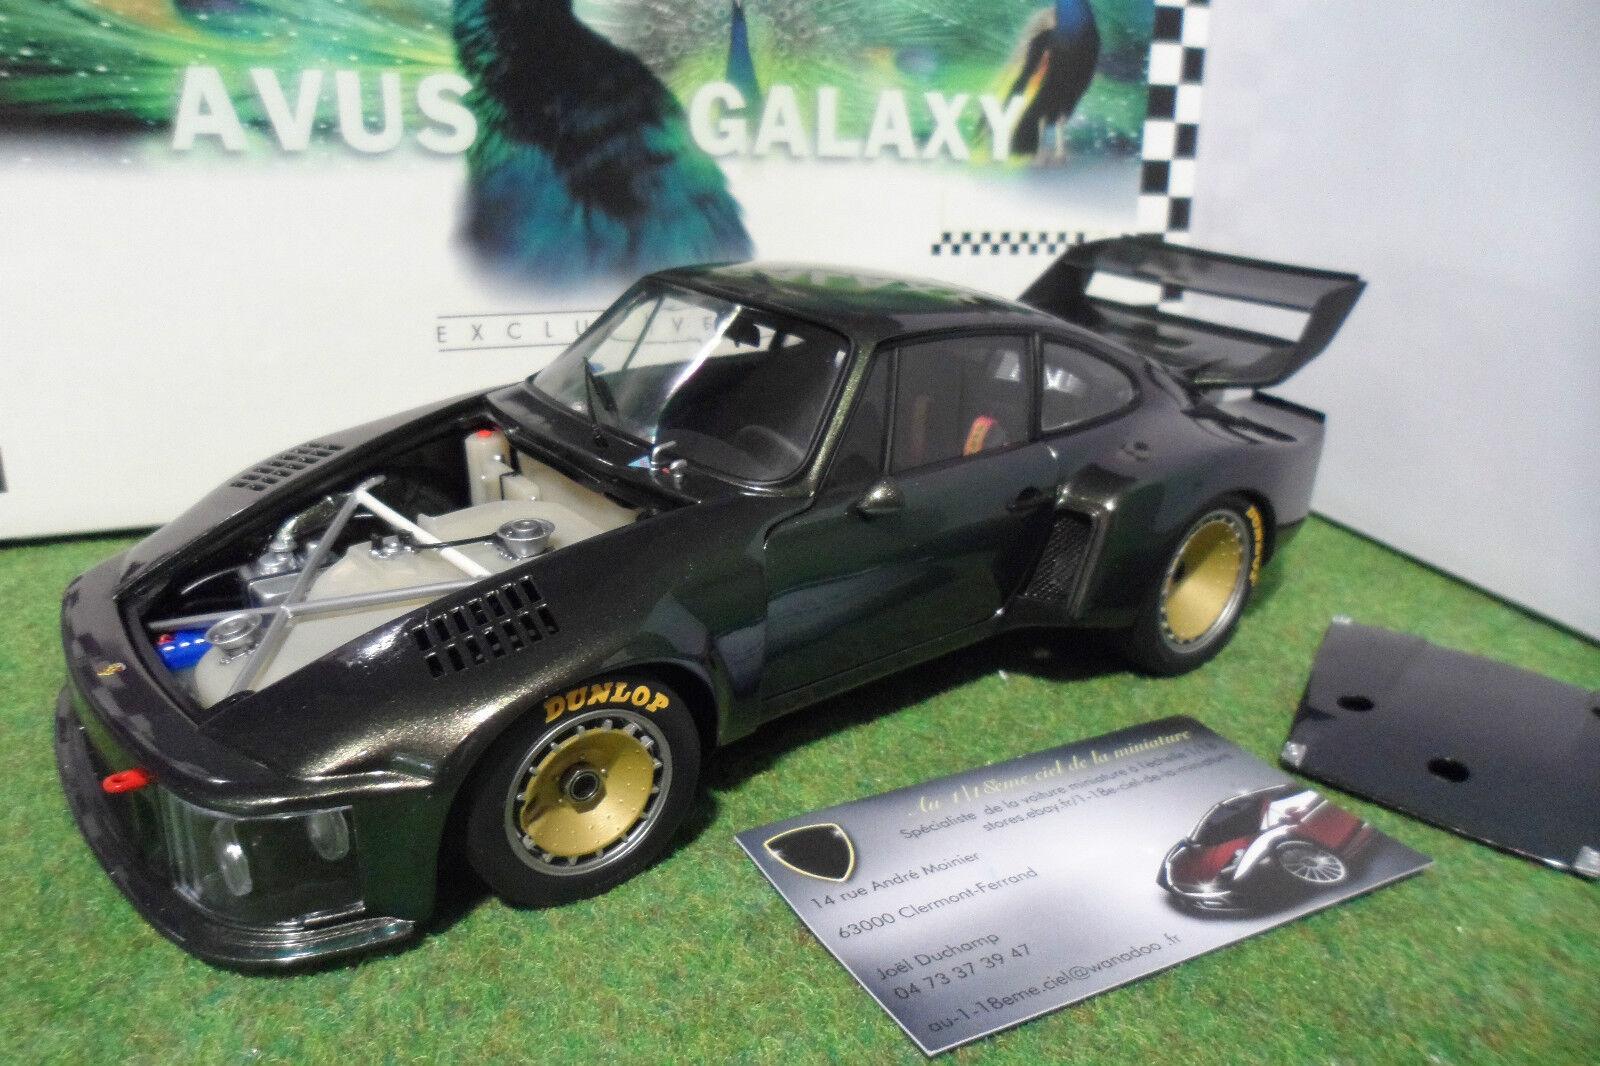 mejor calidad mejor precio PORSCHE 935 Turbo de 1976 STANDOX Avus Avus Avus Galaxy au 1 18 EXOTO PRM 11110 voiture  mejor moda